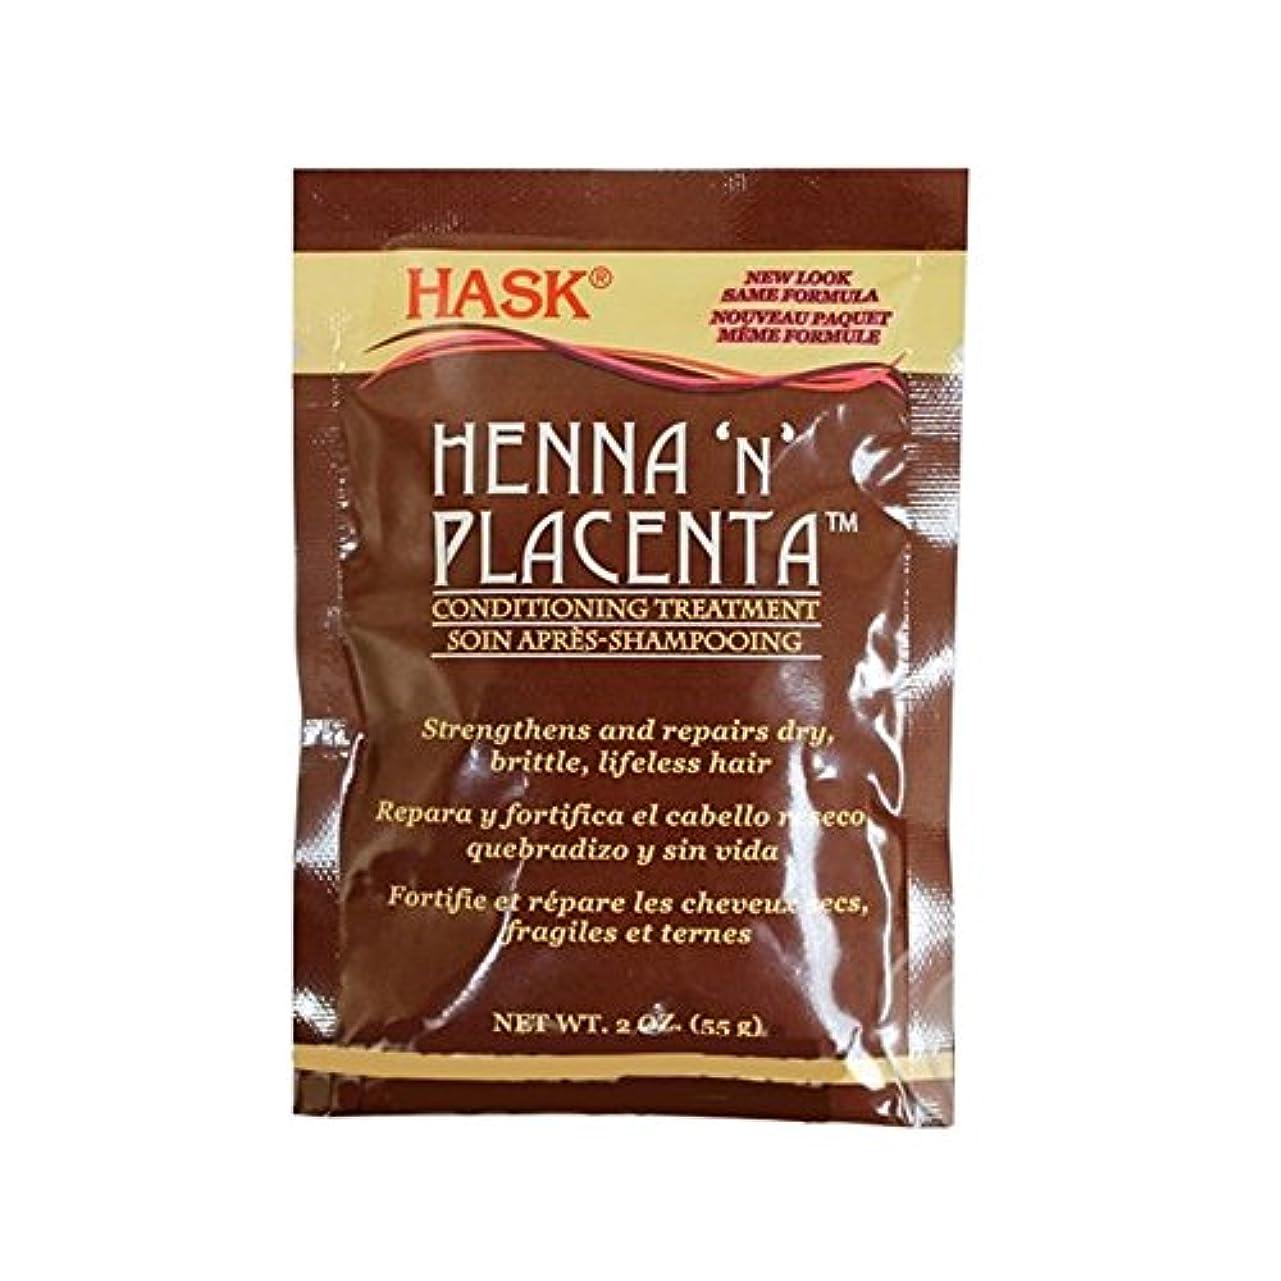 交換可能半ば大いに(3 Pack) HASK Henna N Placenta Conditioning Treatment, 2 oz(New) (並行輸入品)